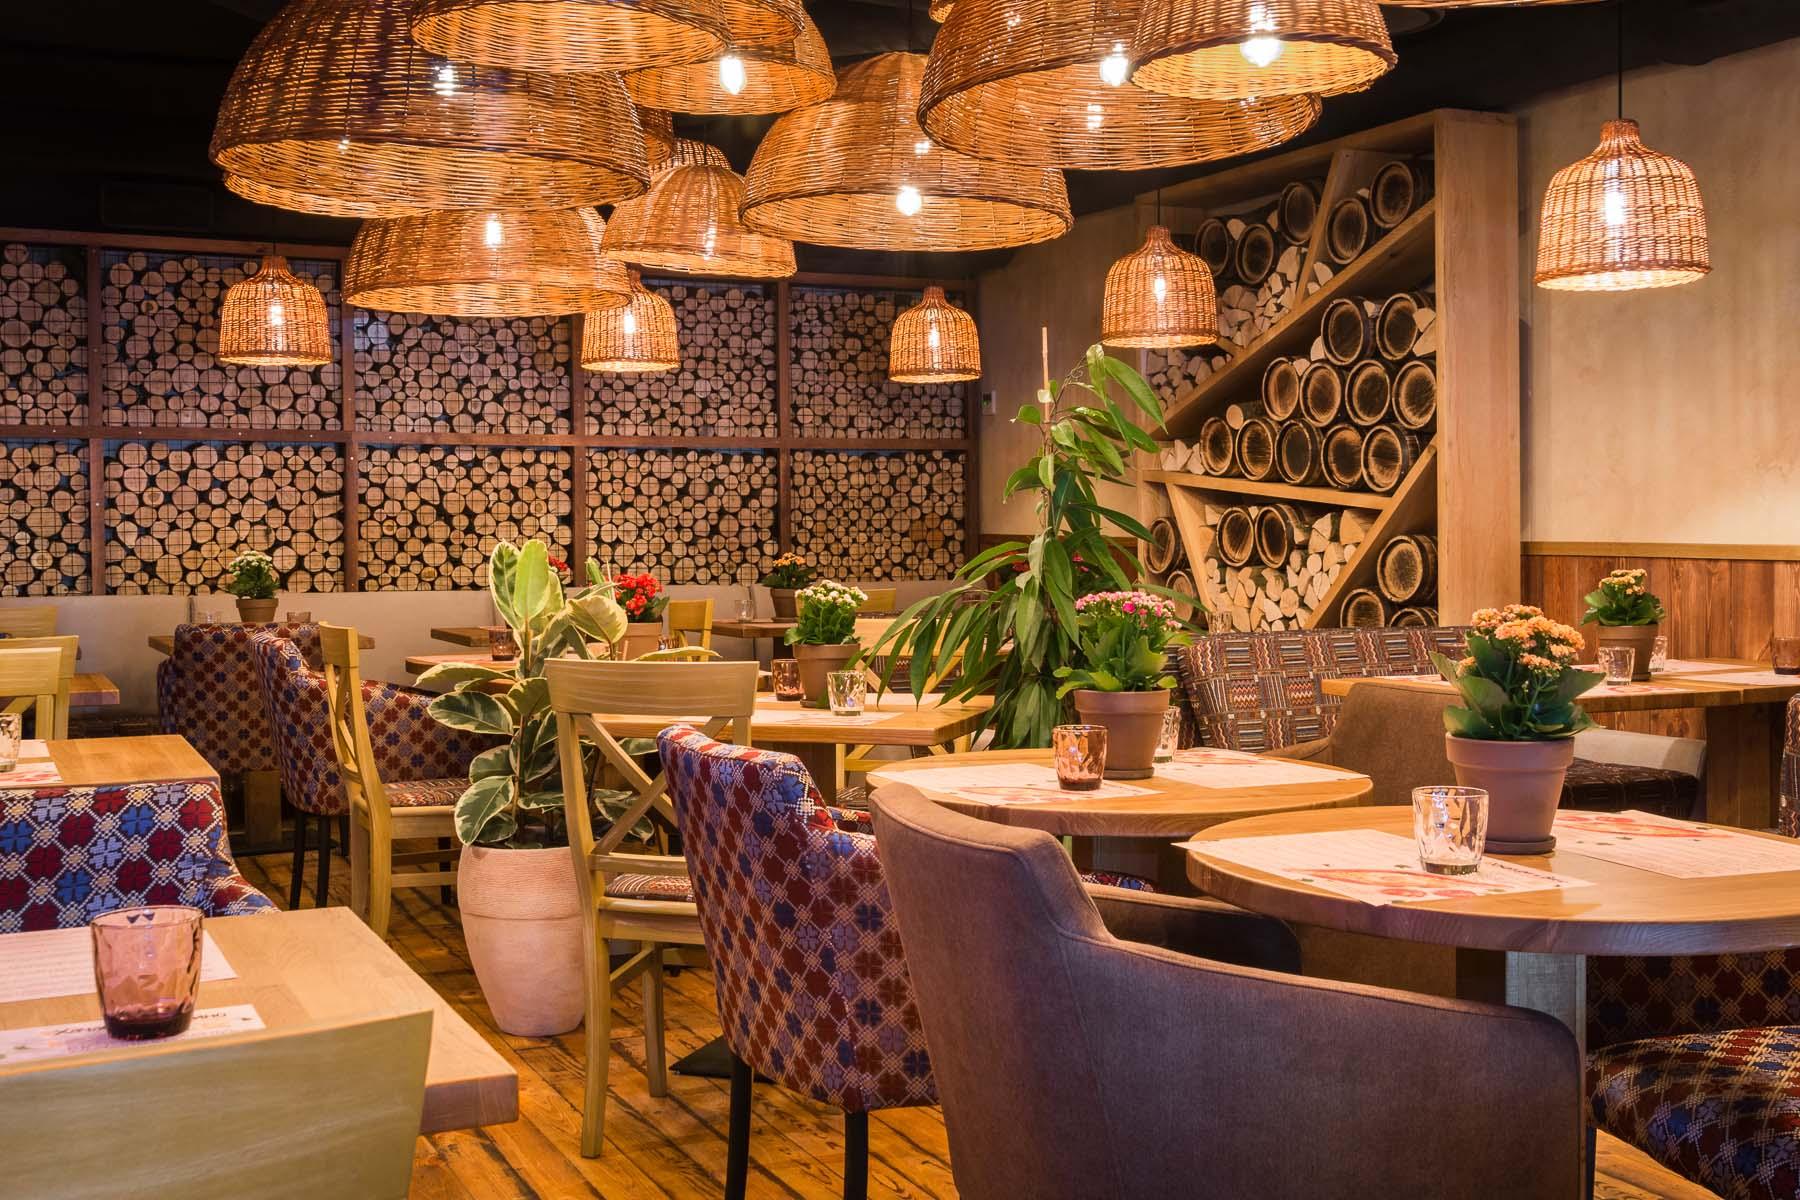 Ресторан: где можно открыть и как выбрать место и помещение